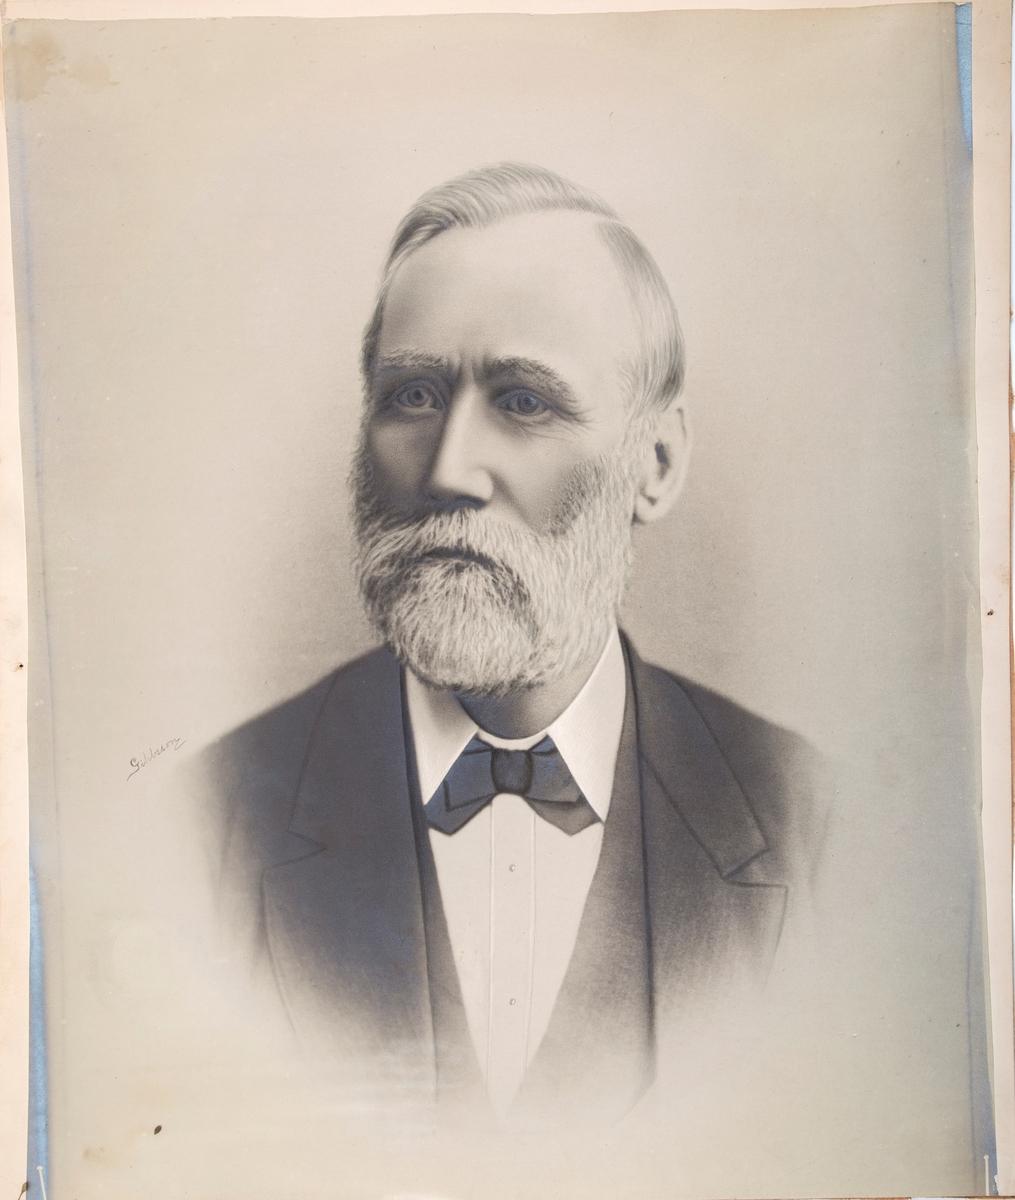 Fotografi av Roald Amundsens far.